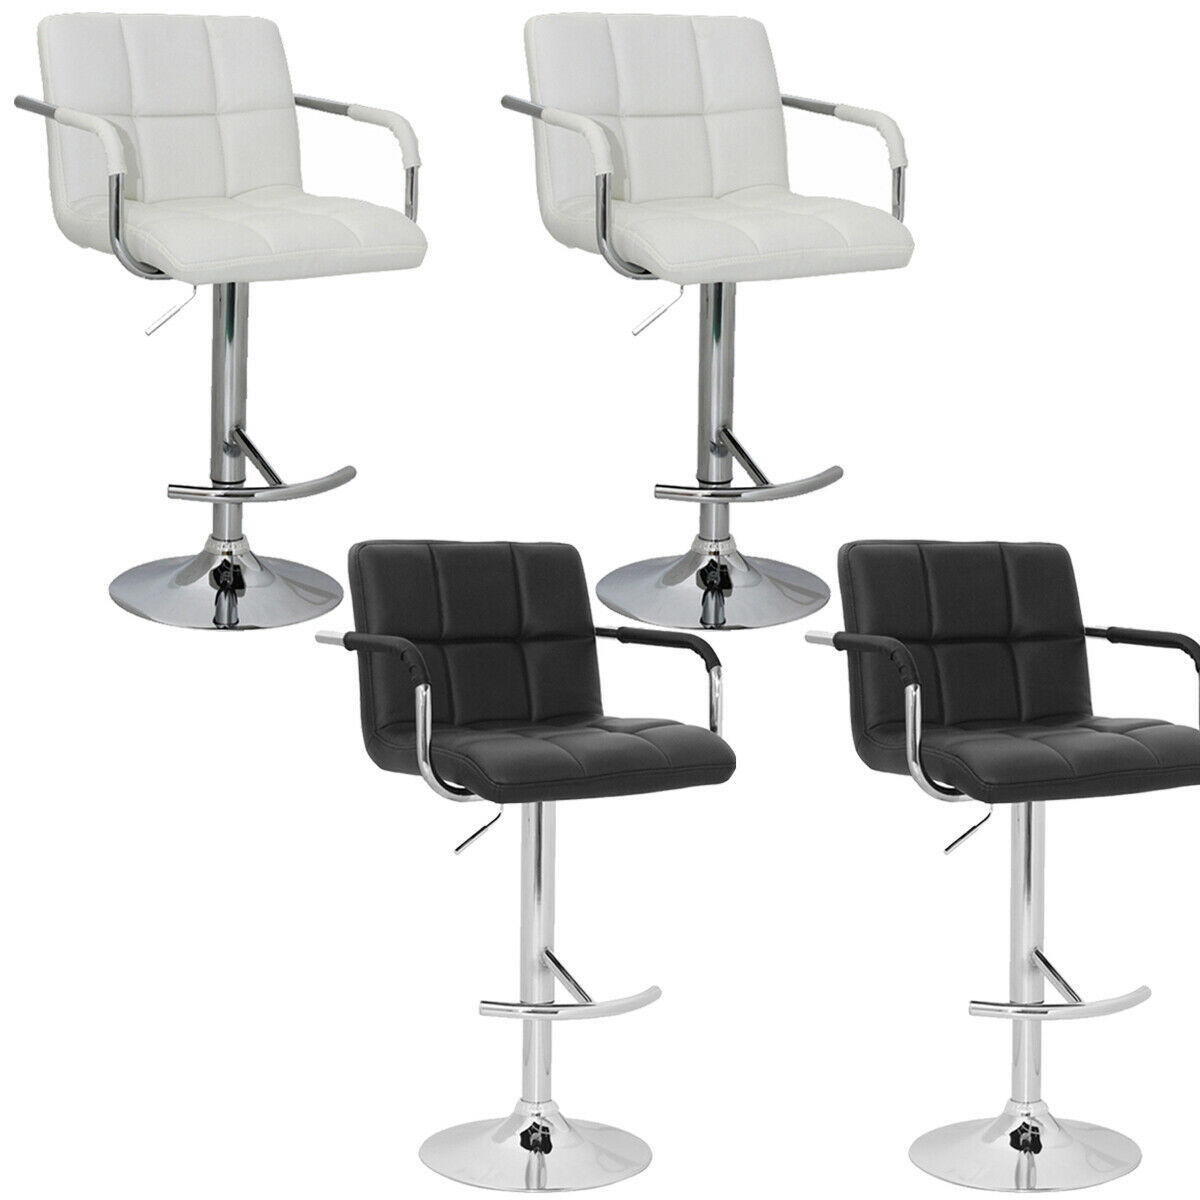 Set of 2 Adjustable Swivel Bar Stool PU Leather Hydraulic w/Armrest White/Black